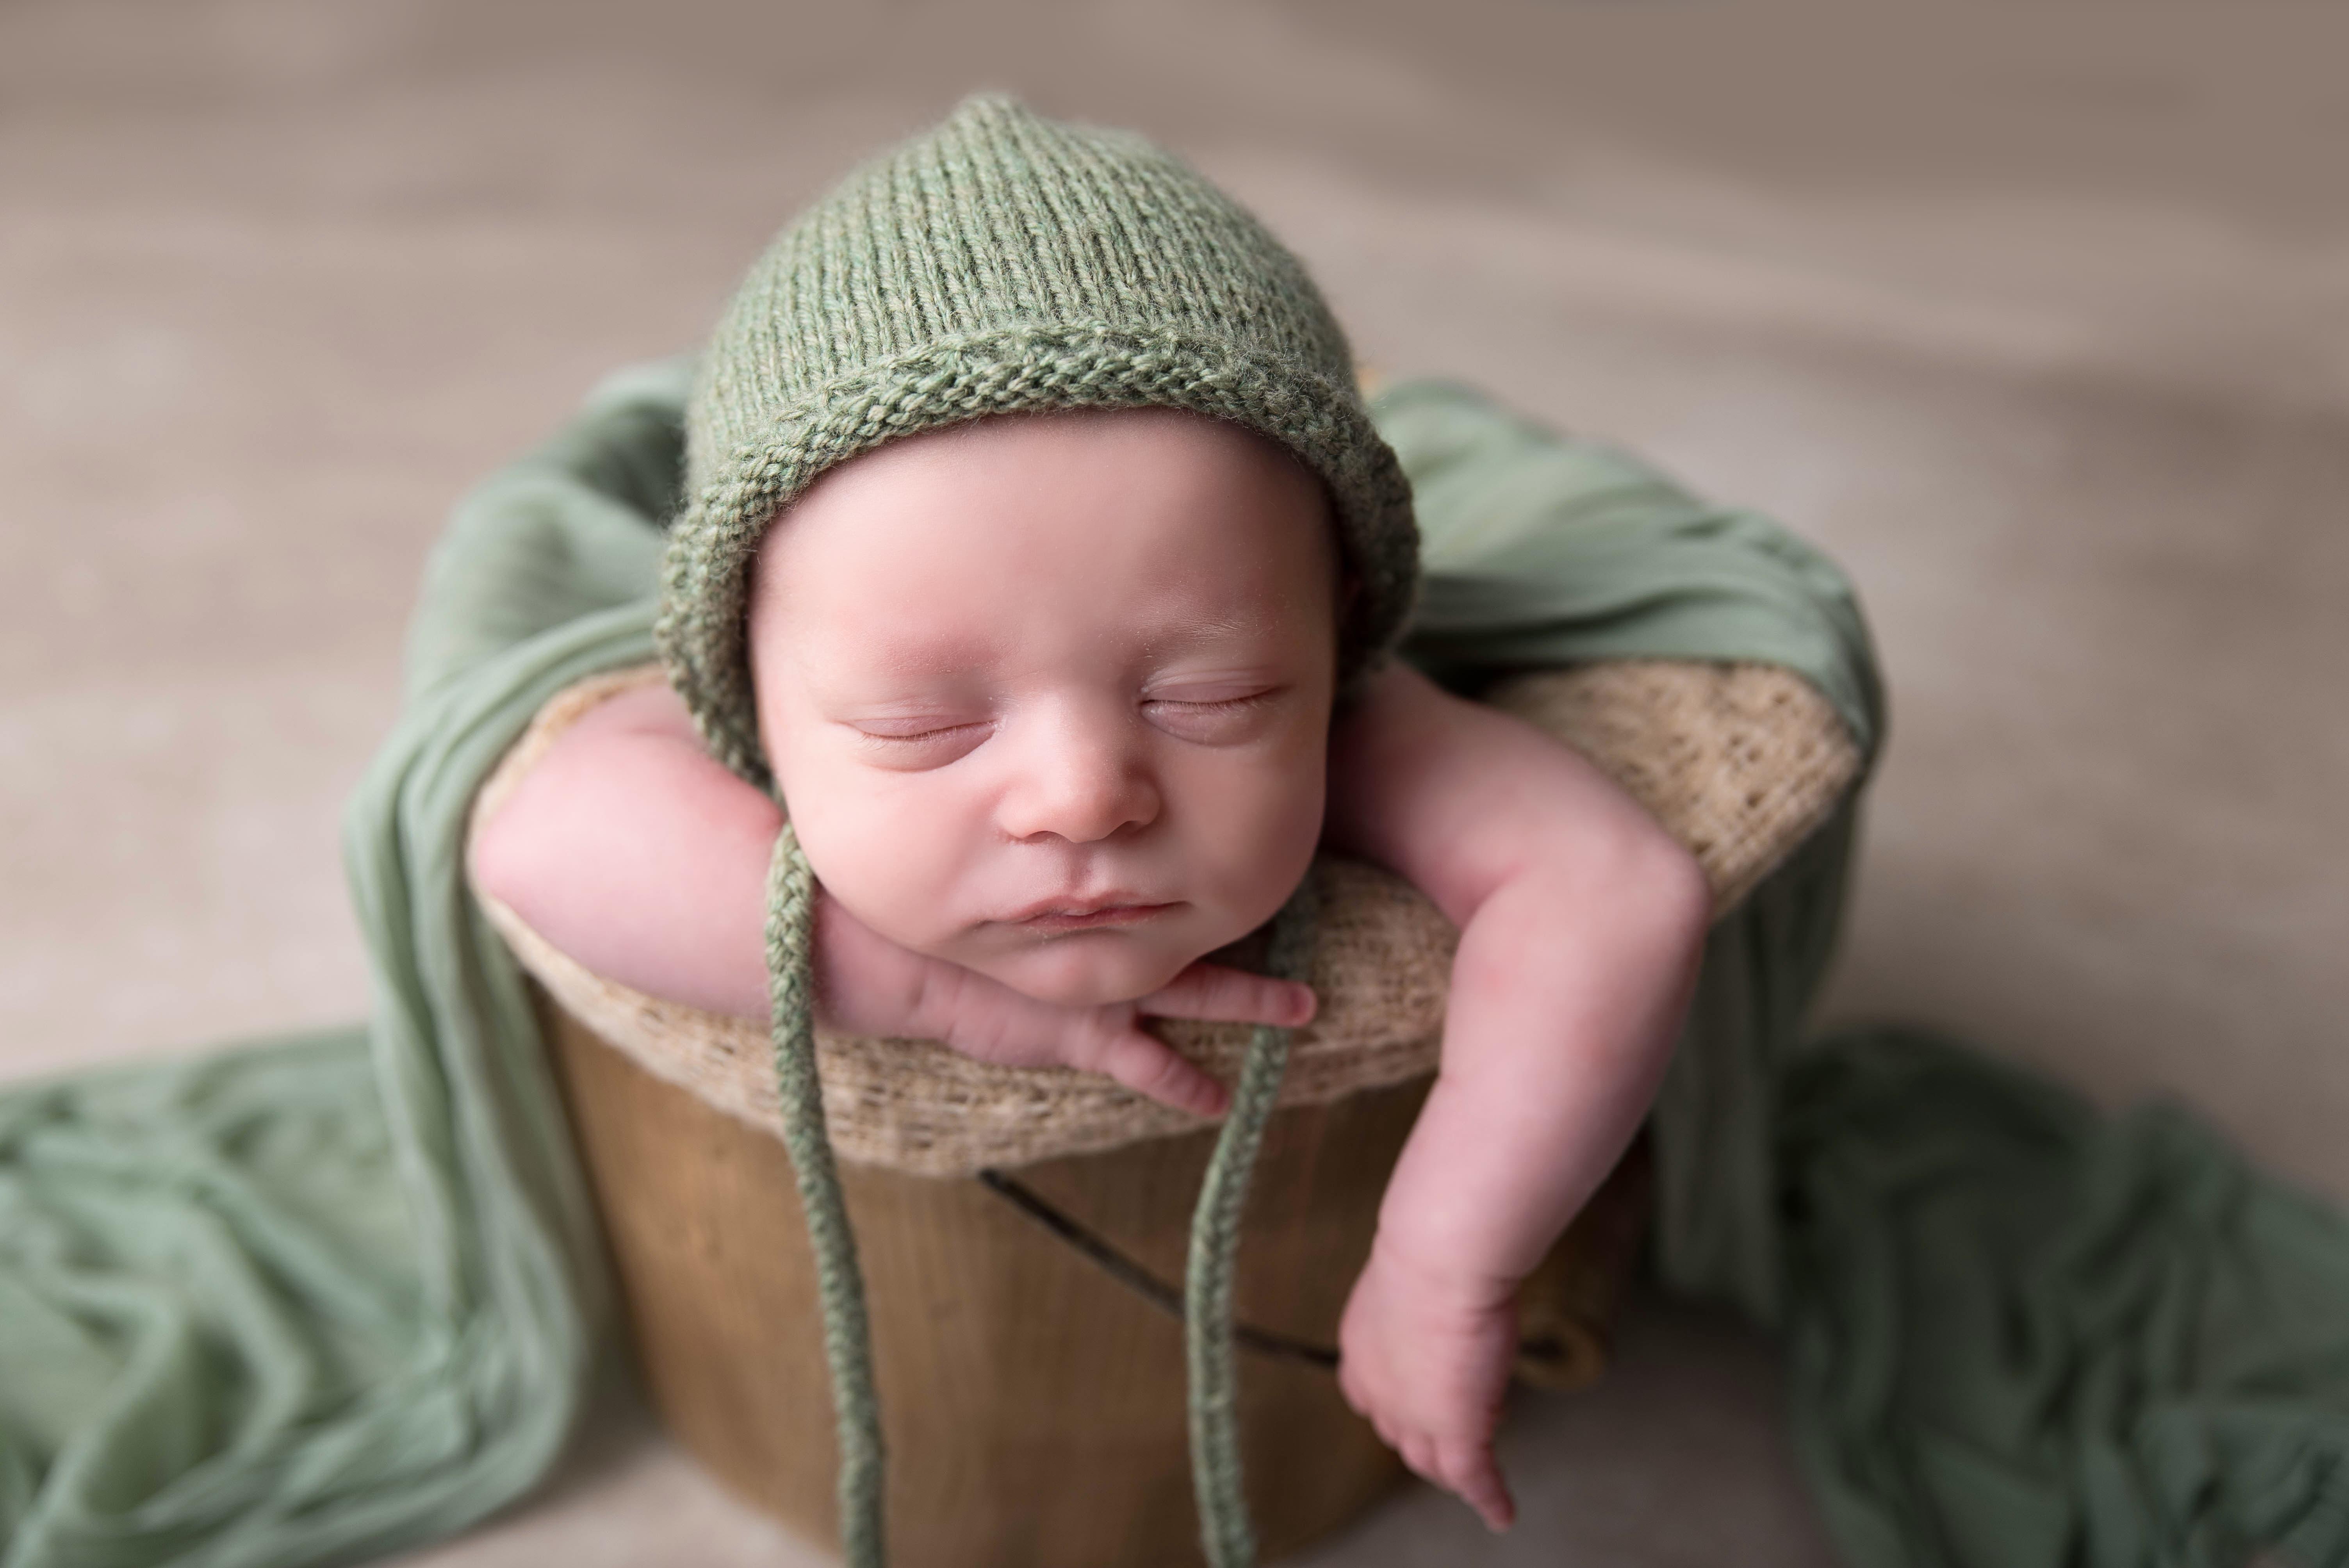 Photographe oise seine et marne aisne grossesse bébé nouveau né famille (11)-min